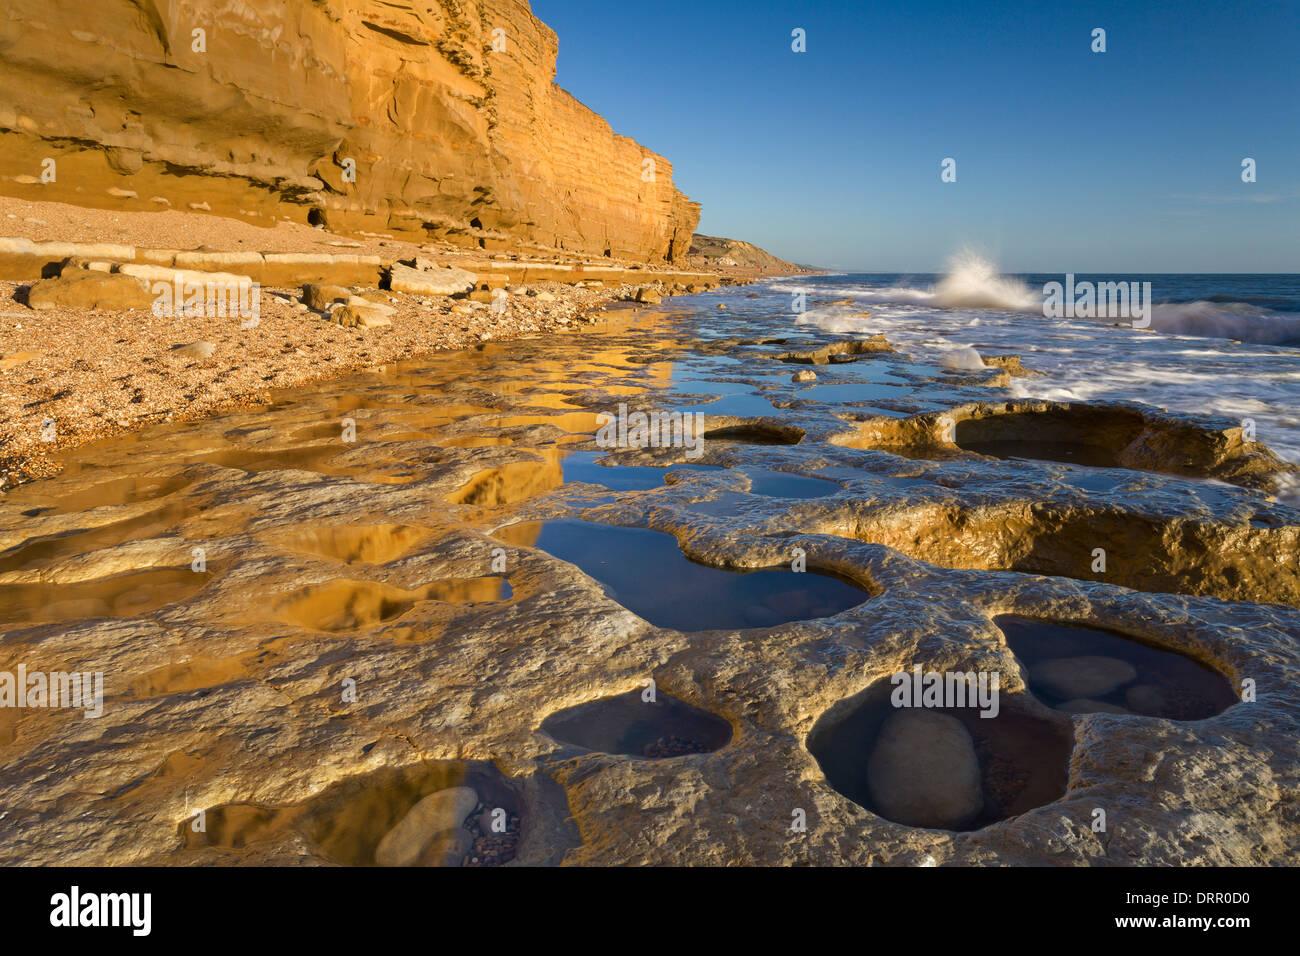 Exponierten Gesimsen und Felsenpools im Bienenstock Beach, Burton Bradstock an der Jurassic Coast, Dorset, England. Stockbild